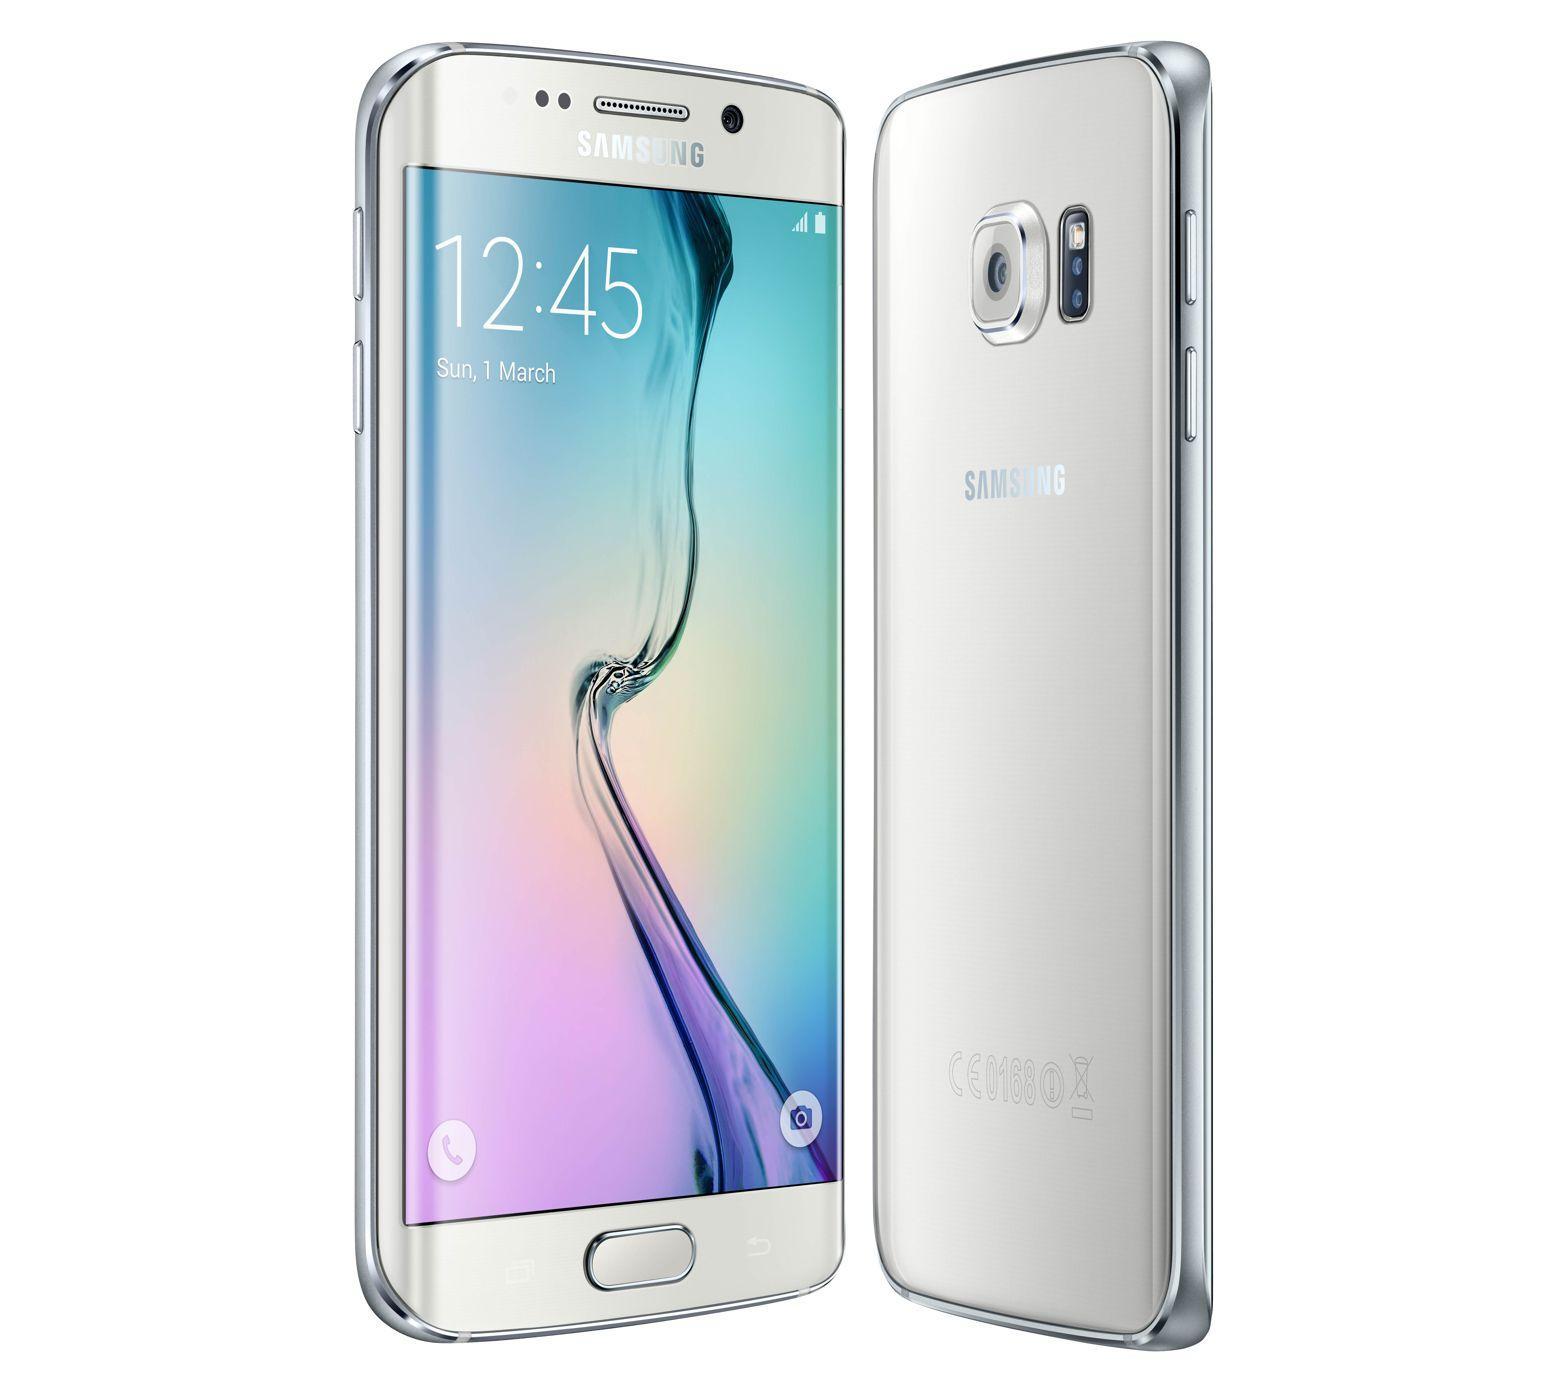 """Smartphone 5.1"""" Samsung Galaxy S6 Edge - 64 Go, Blanc (via ODR de 70€)"""